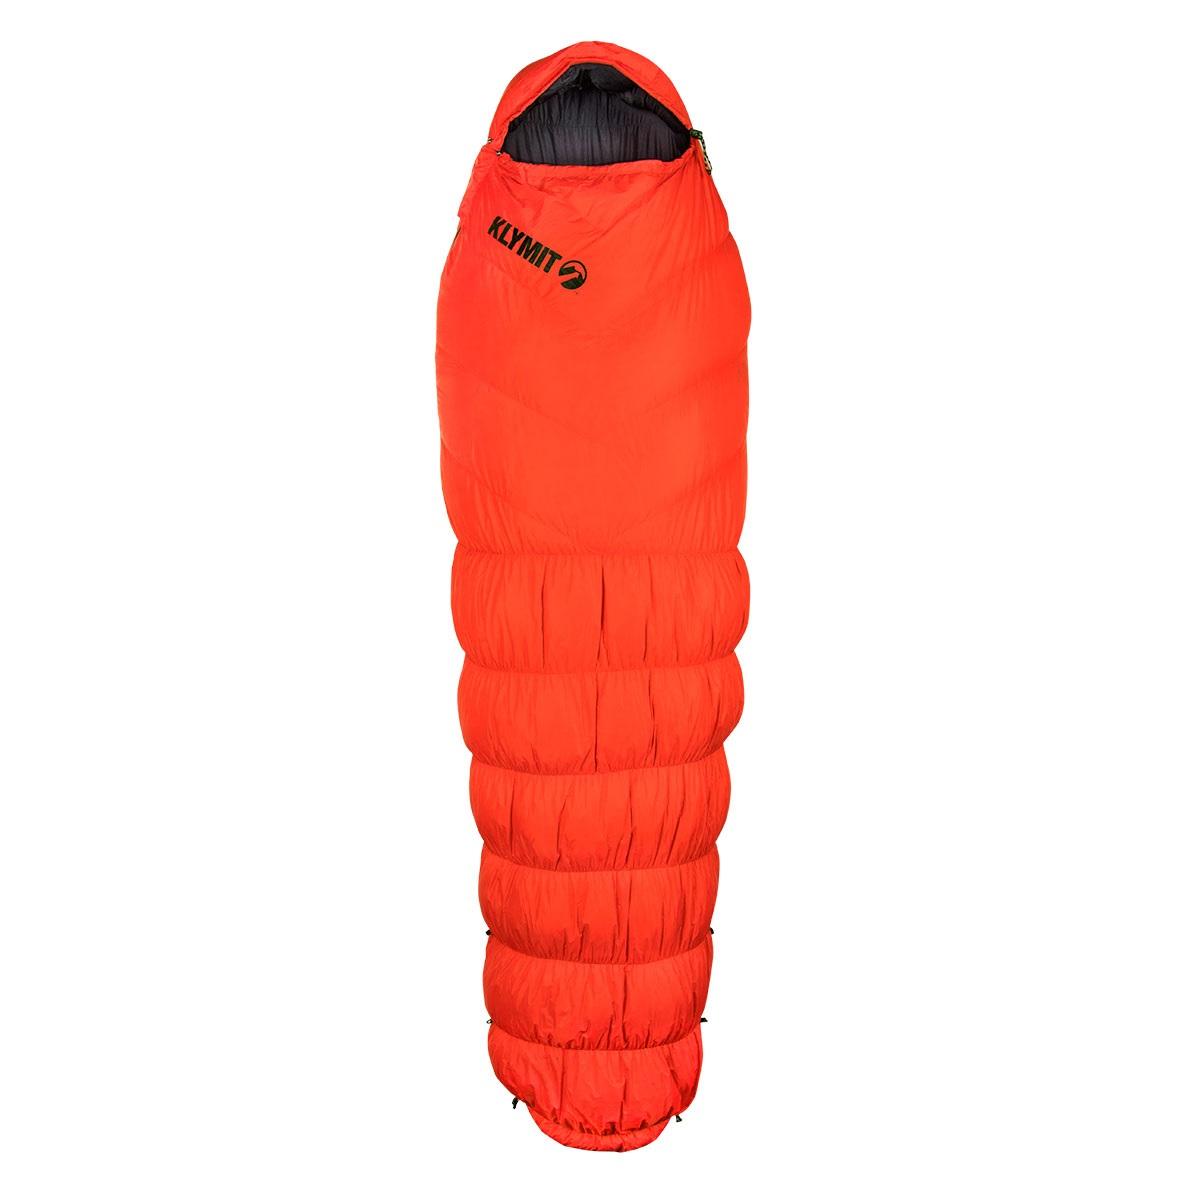 Спальный мешок Klymit KSB 0˚, оранжевый (13KZOR01C) спальный мешок